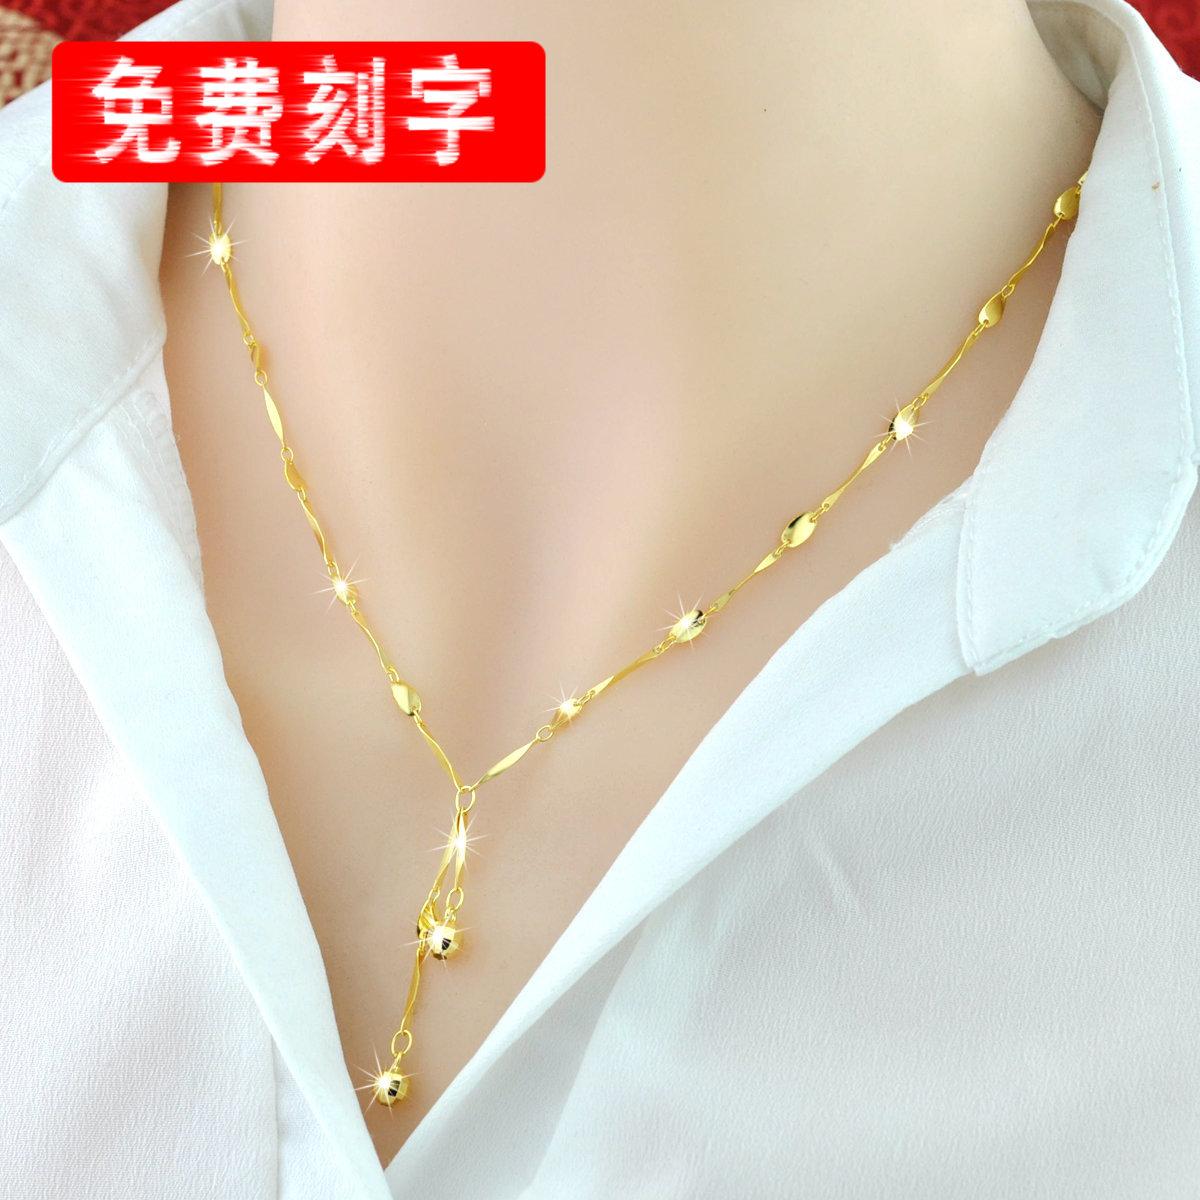 [祥灵银饰项链]彩银项链女 S925纯银韩版18K彩月销量603件仅售66元